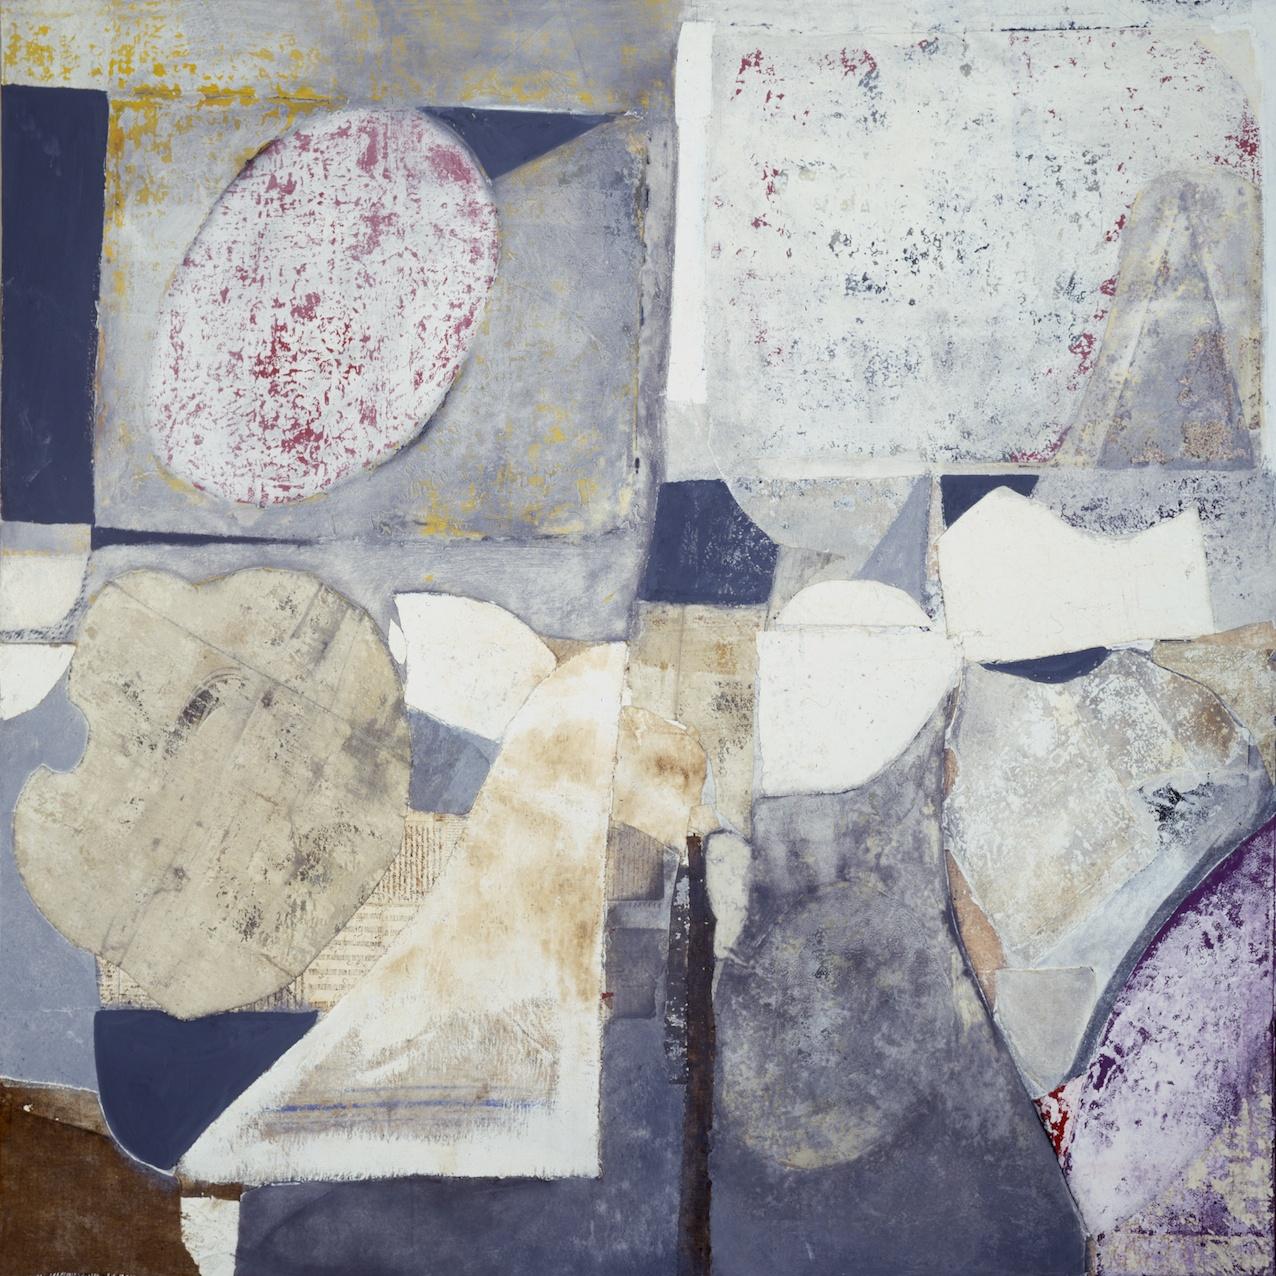 Armonia della Forma Archetipa (Archetypal Shape Armony) - tecnica mista e collage su tela (mixed media and collage on canvas) - 1978/1980